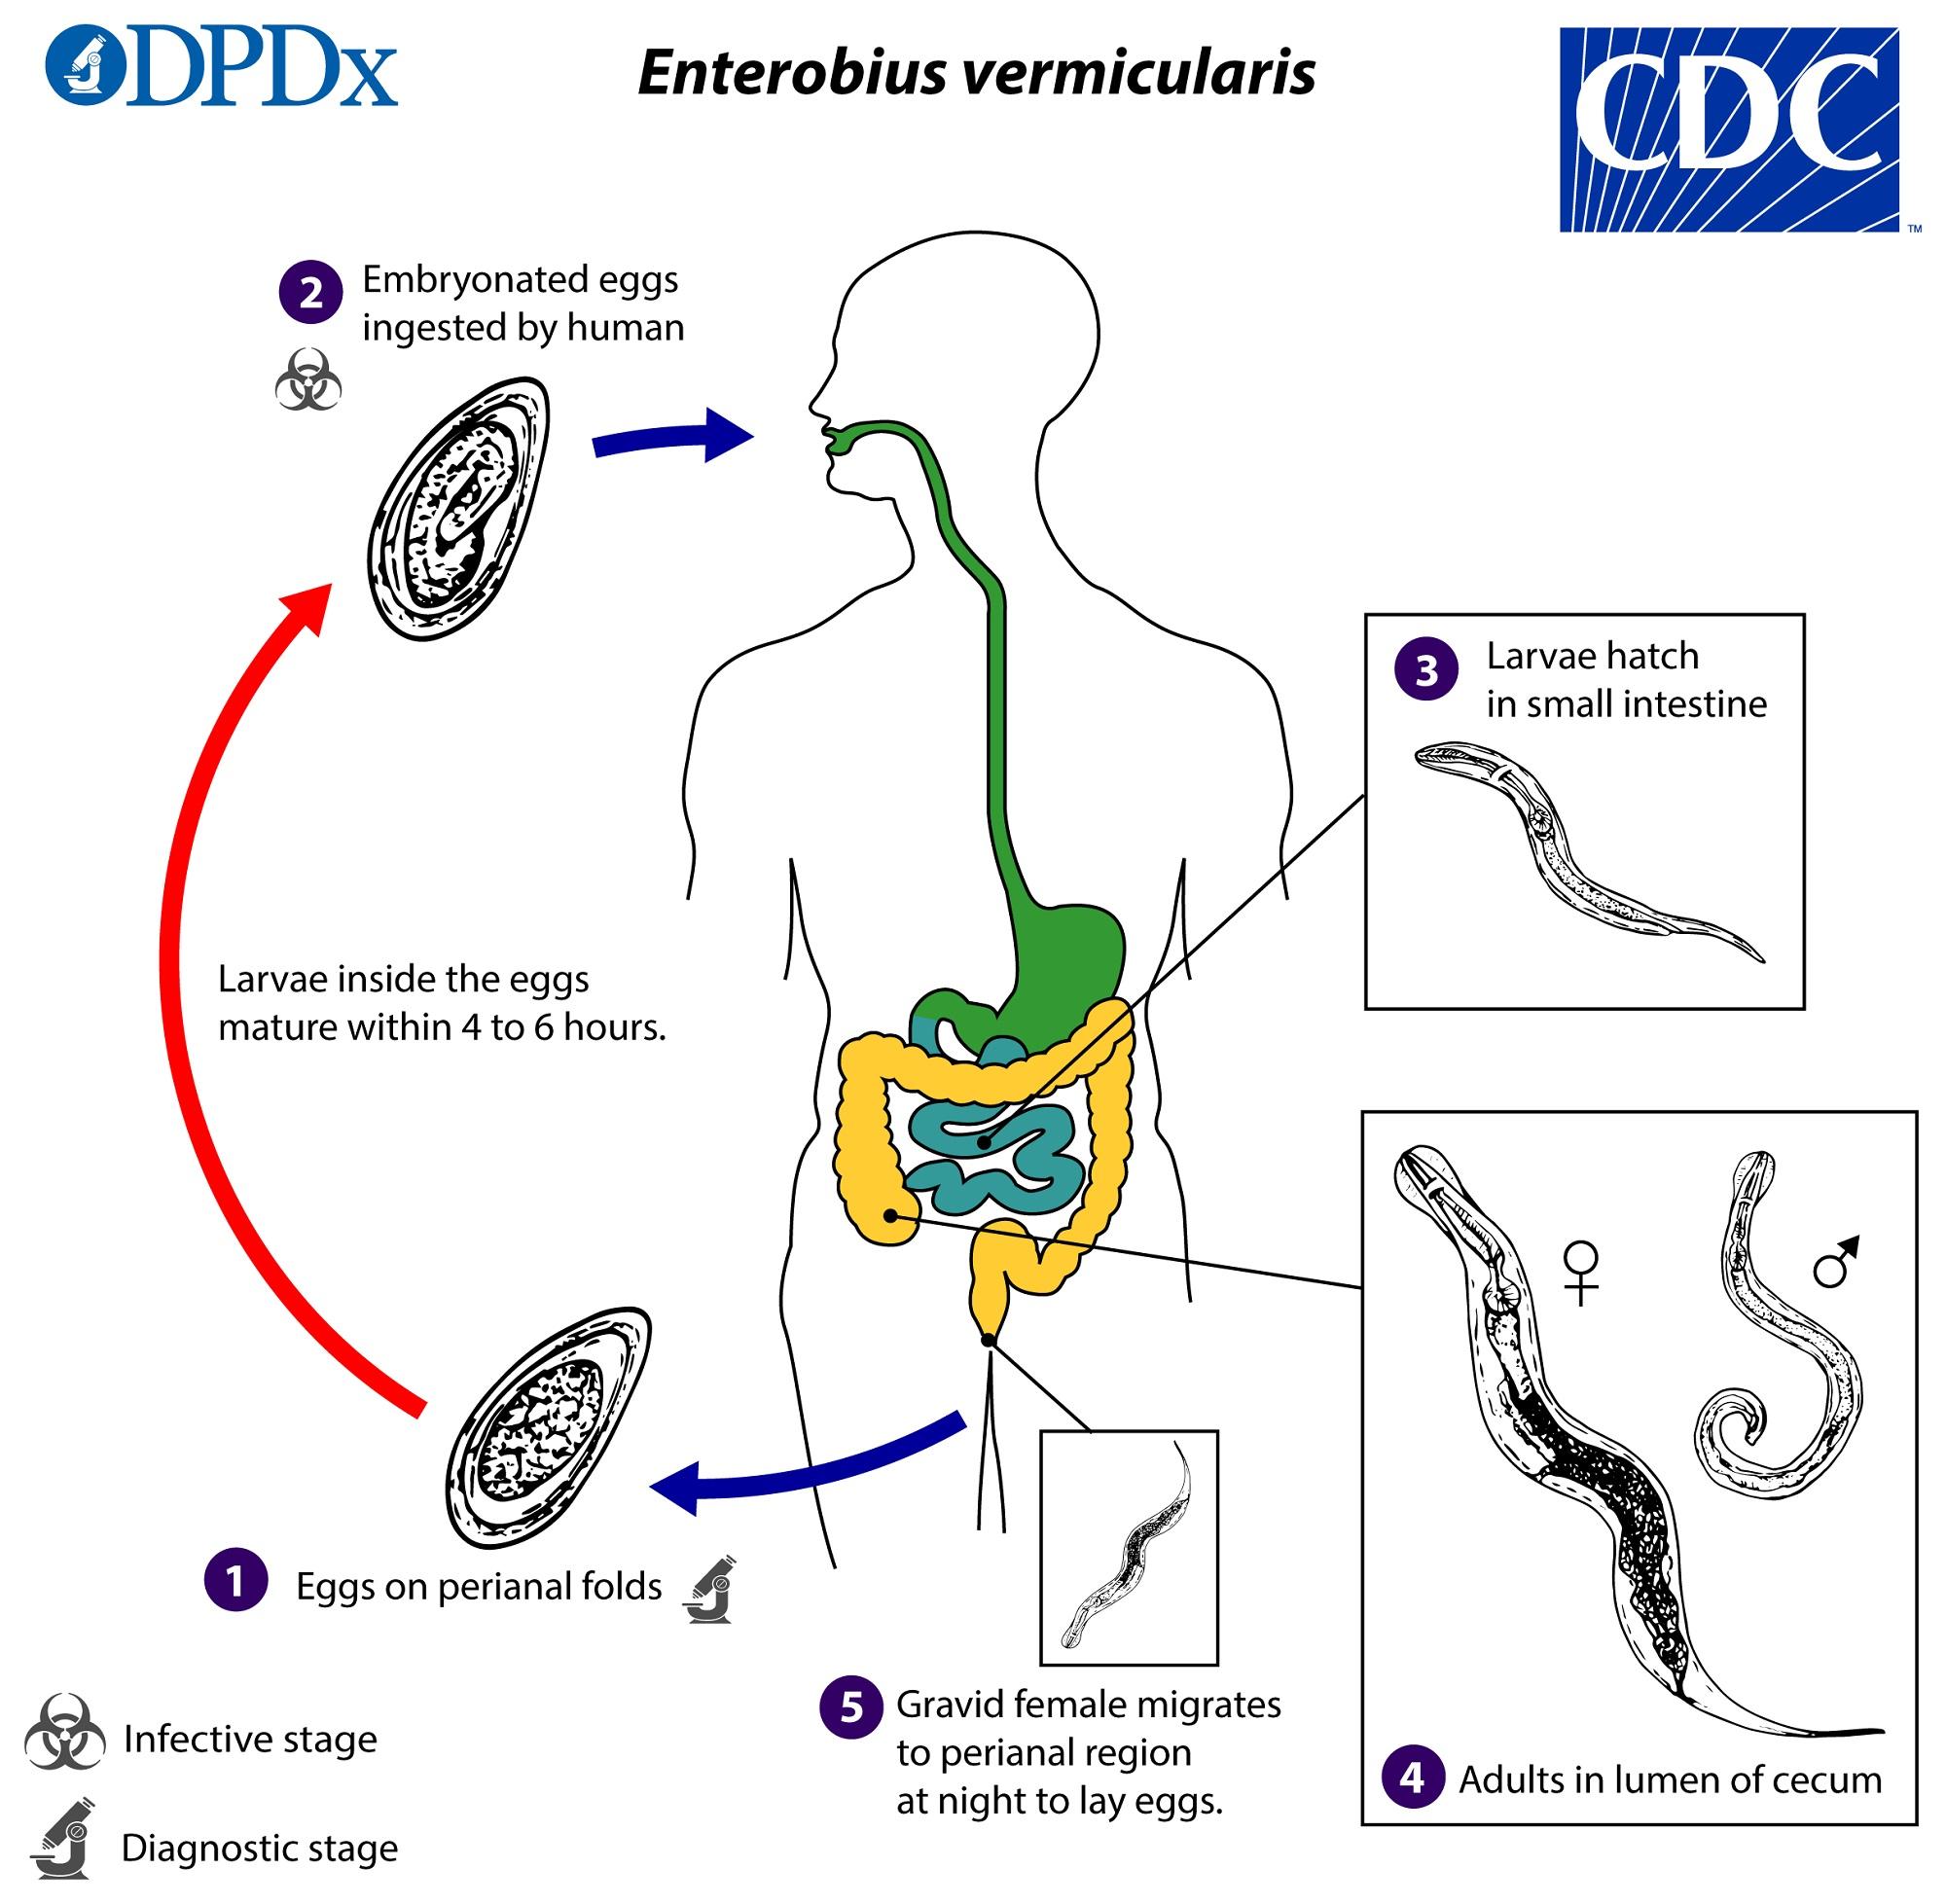 enterobius vermicularis ciclo de vida cdc enterobius vermicularis diagnostico laboratorial